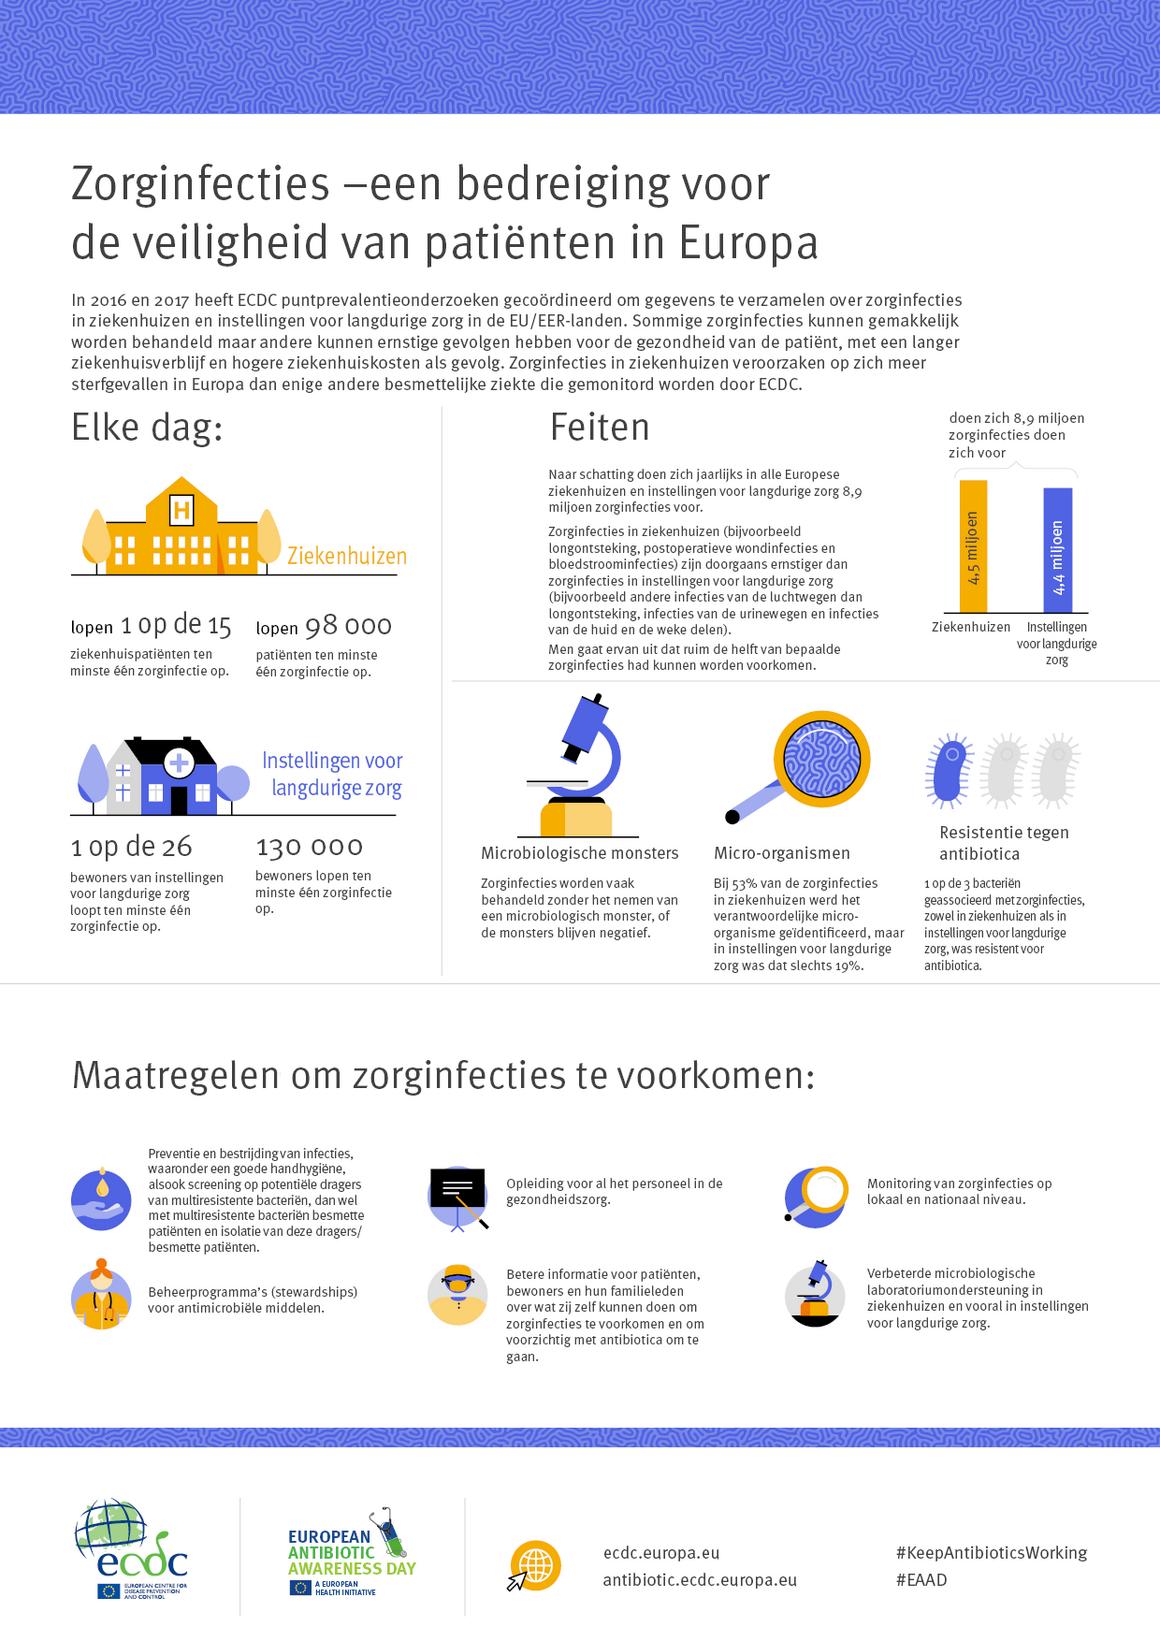 Zorginfecties – een bedreiging voor de veiligheid van patiënten in Europa